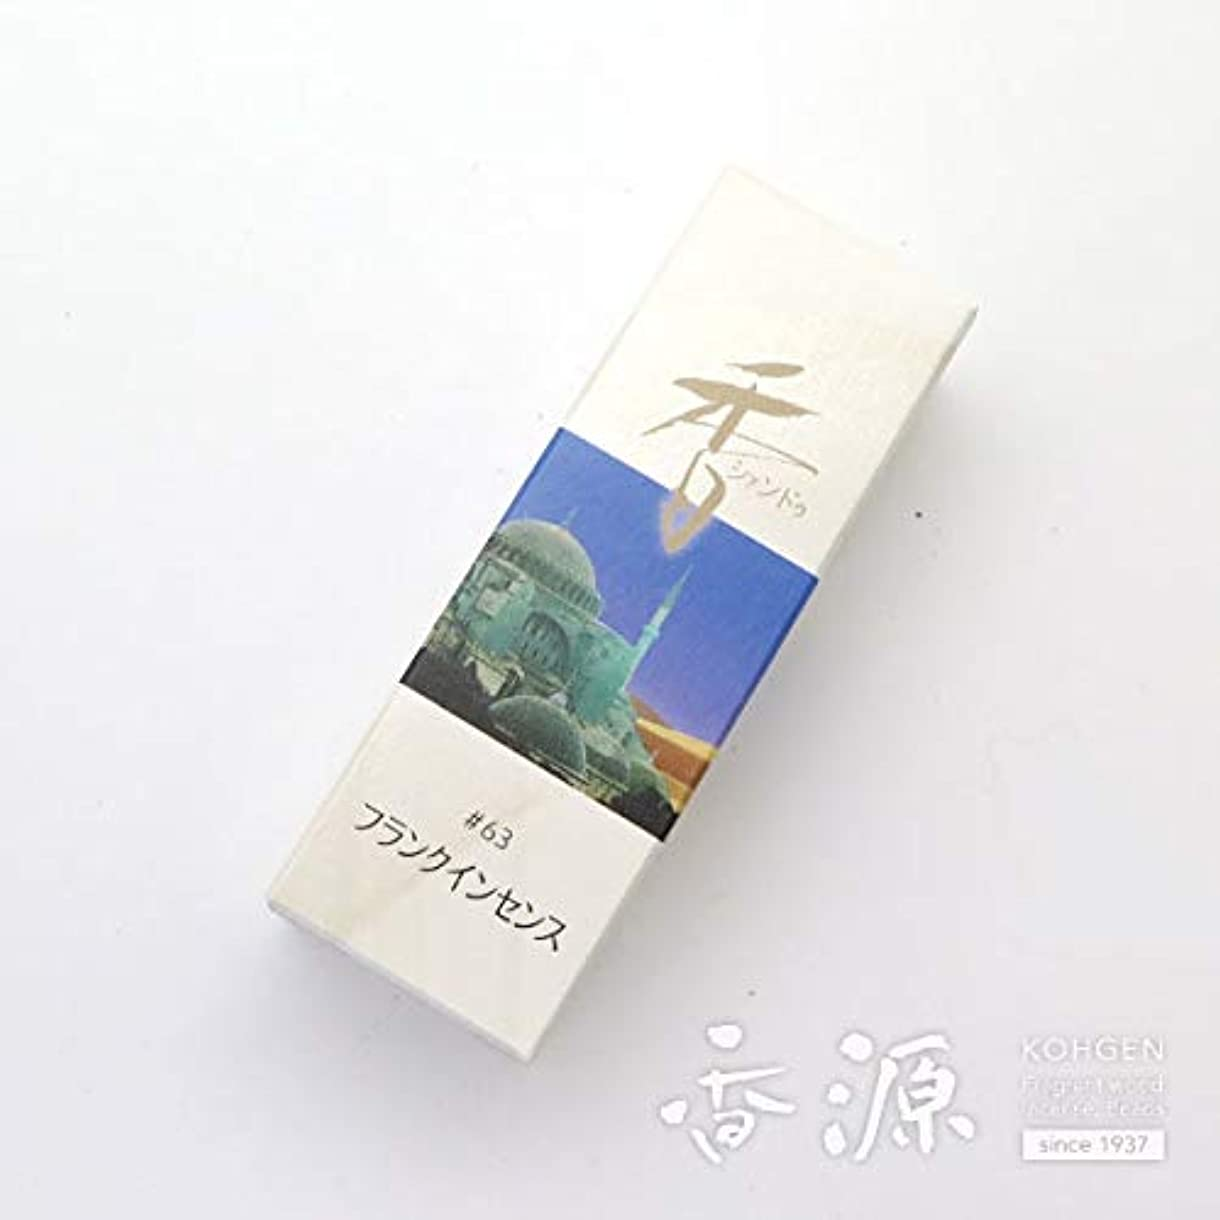 肉腫感心するキャロラインXiang Do(シャンドゥ) 松栄堂のお香 フランクインセンス ST20本入 簡易香立付 #214263